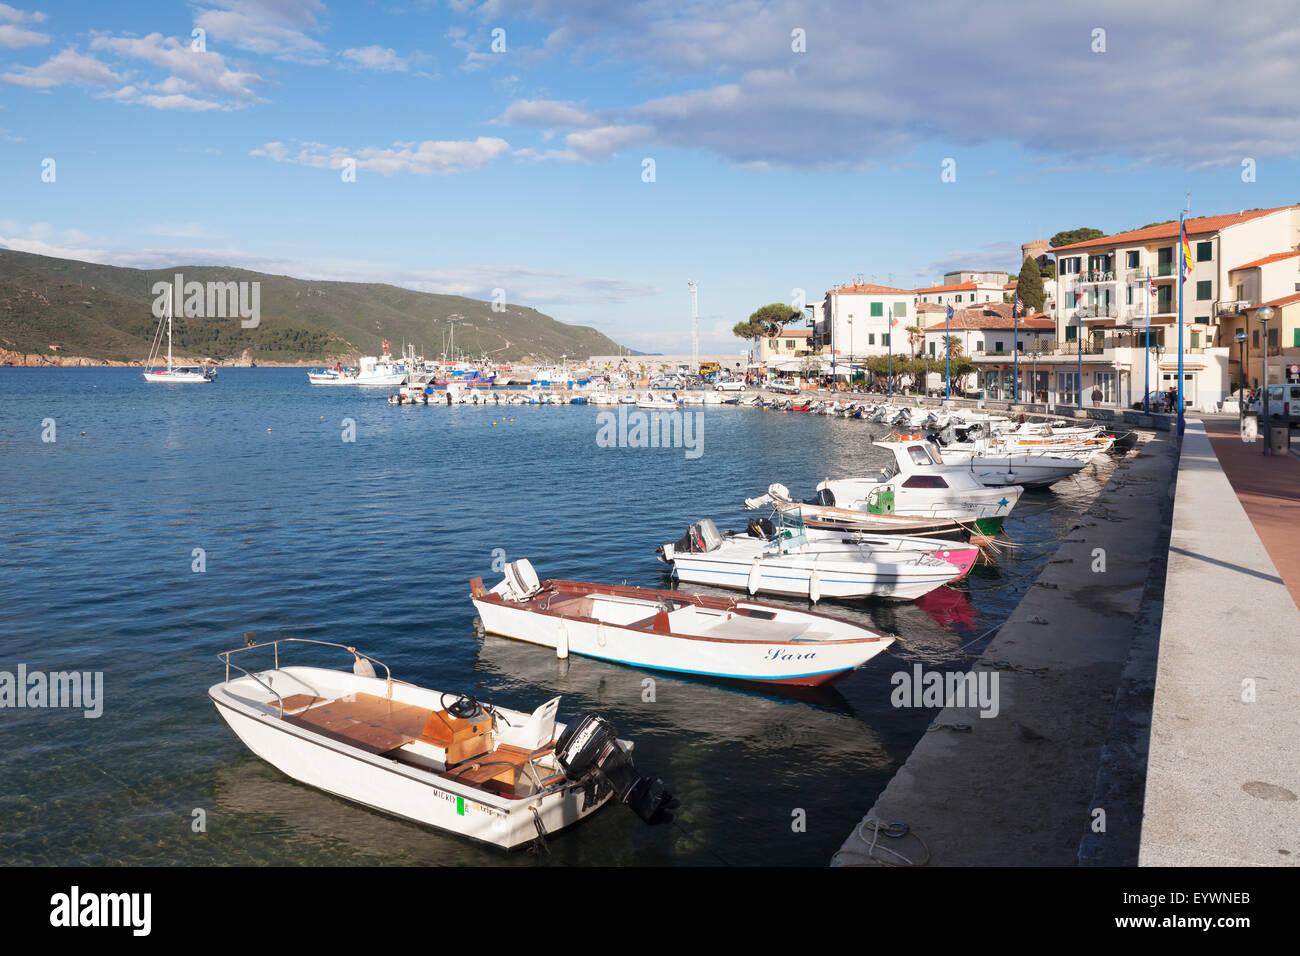 Marina di Campo, Island of Elba, Livorno Province, Tuscany, Italy, Mediterranean, Europe - Stock Image